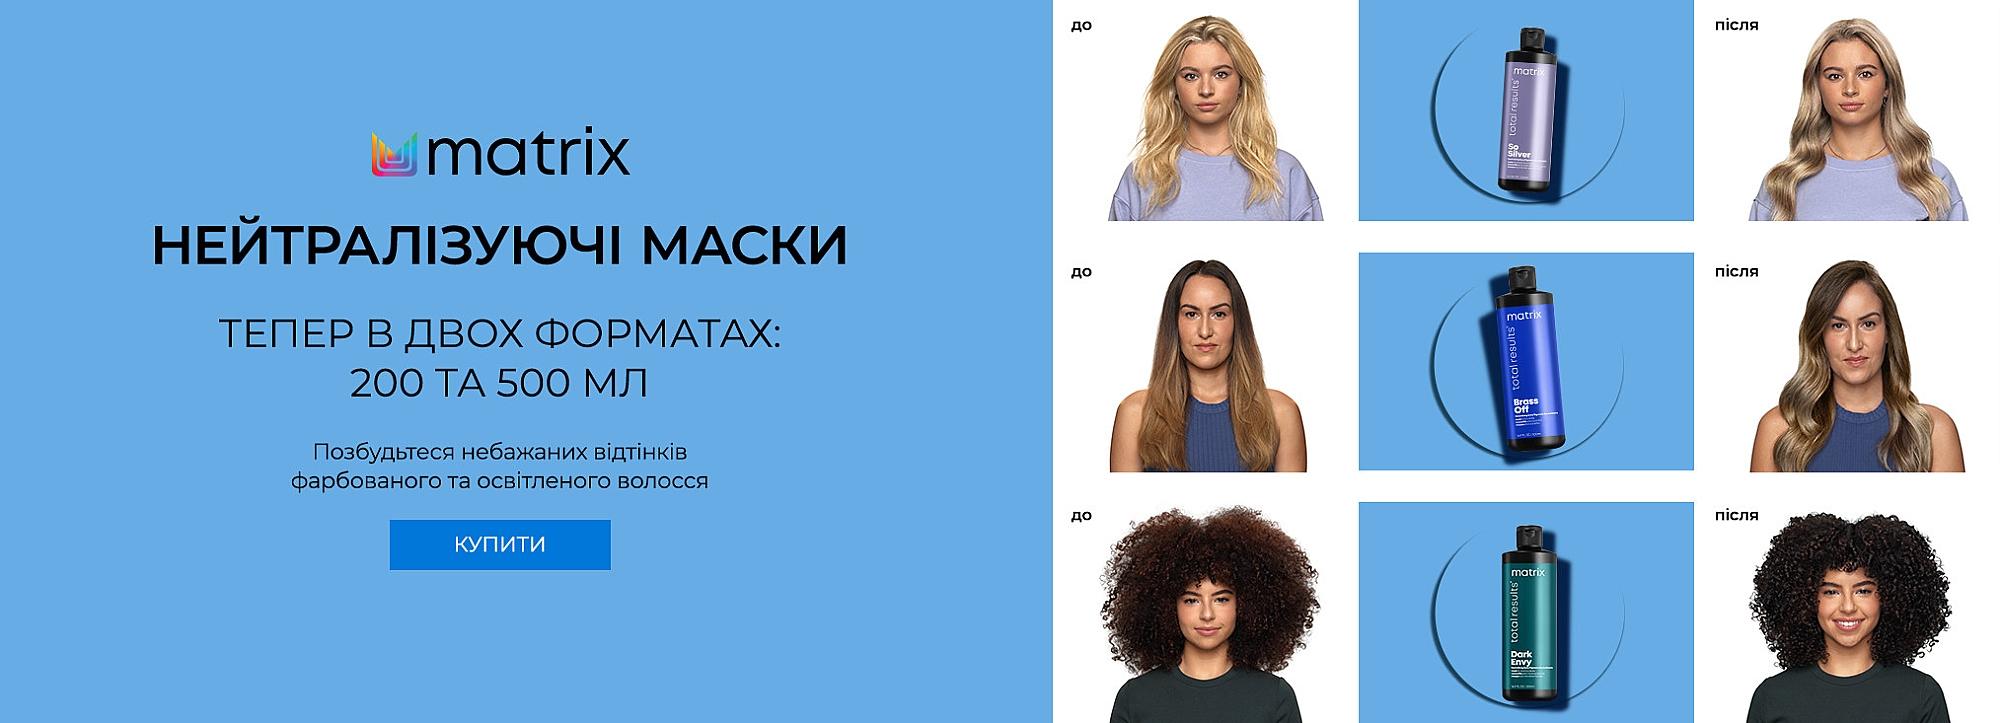 Matrix336213